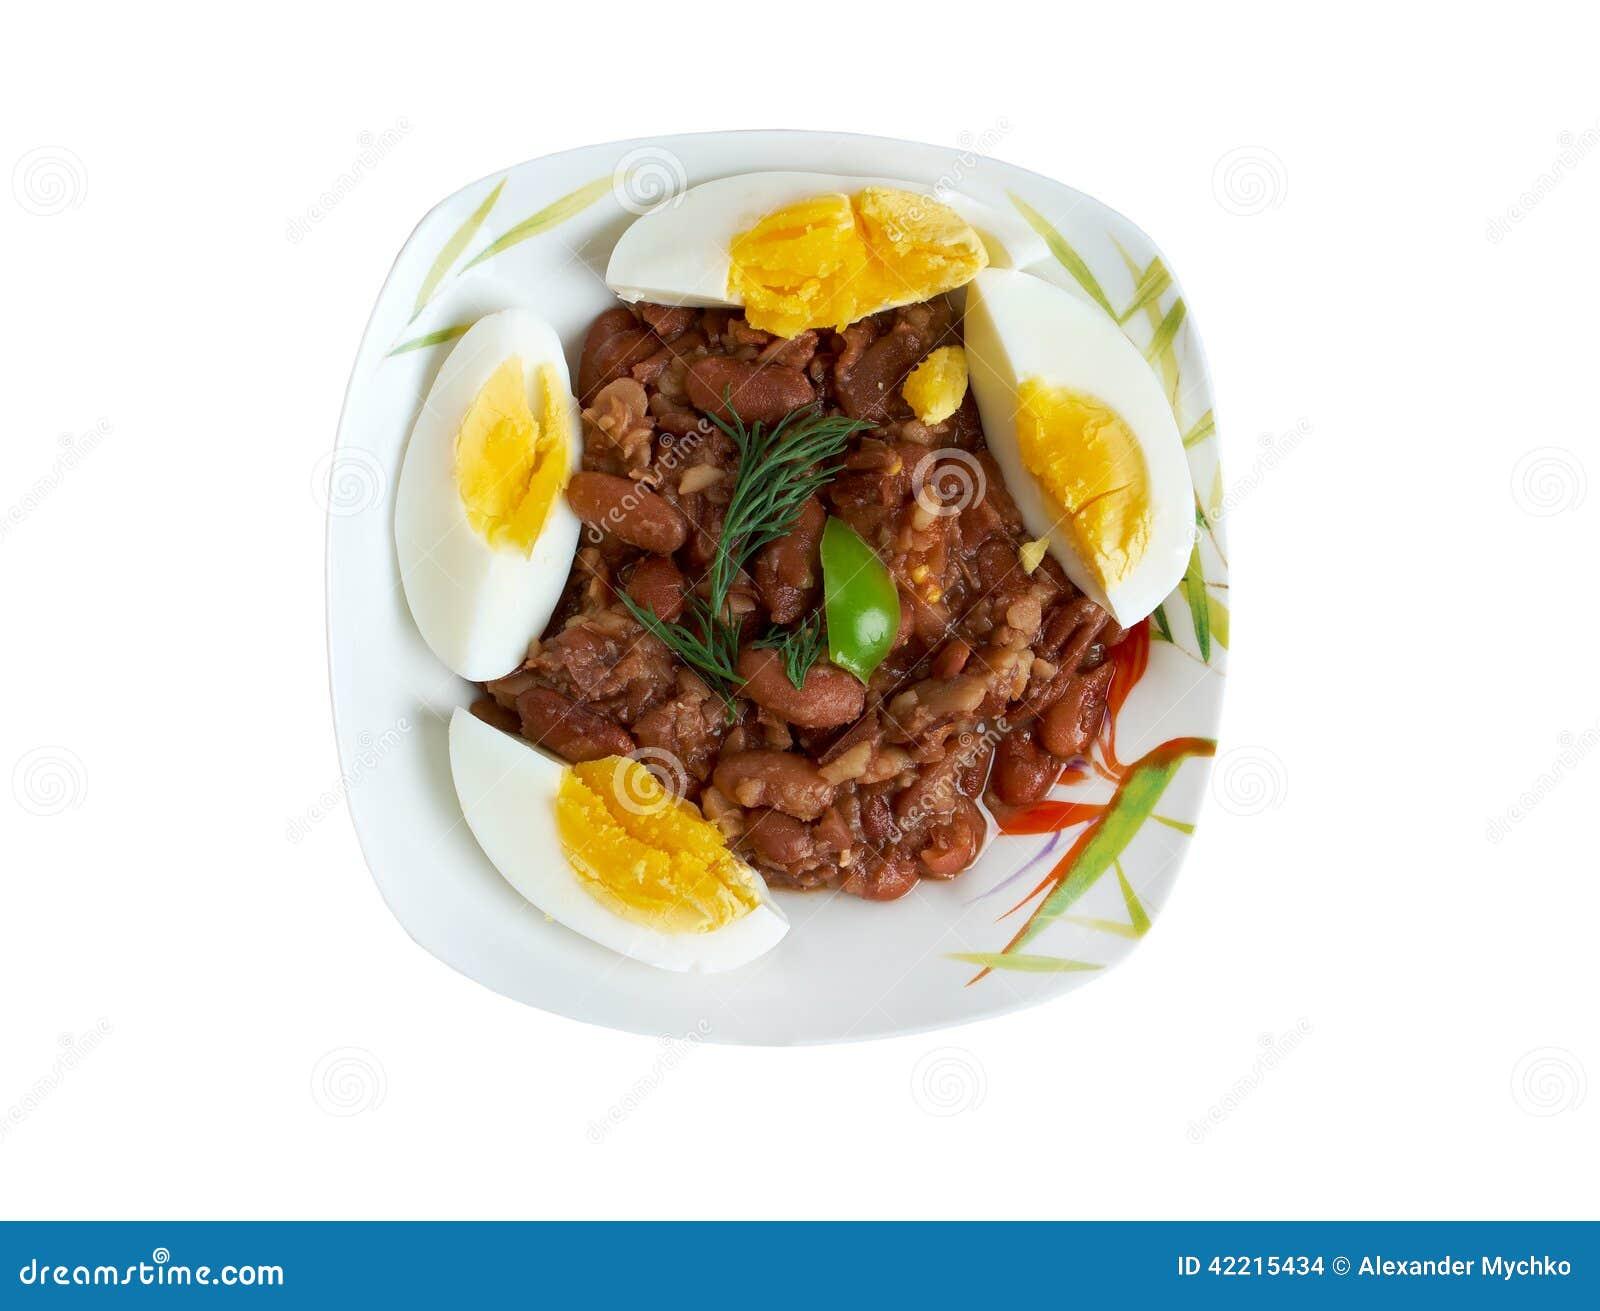 Medames di Ful - egiziani, piatto sudanese